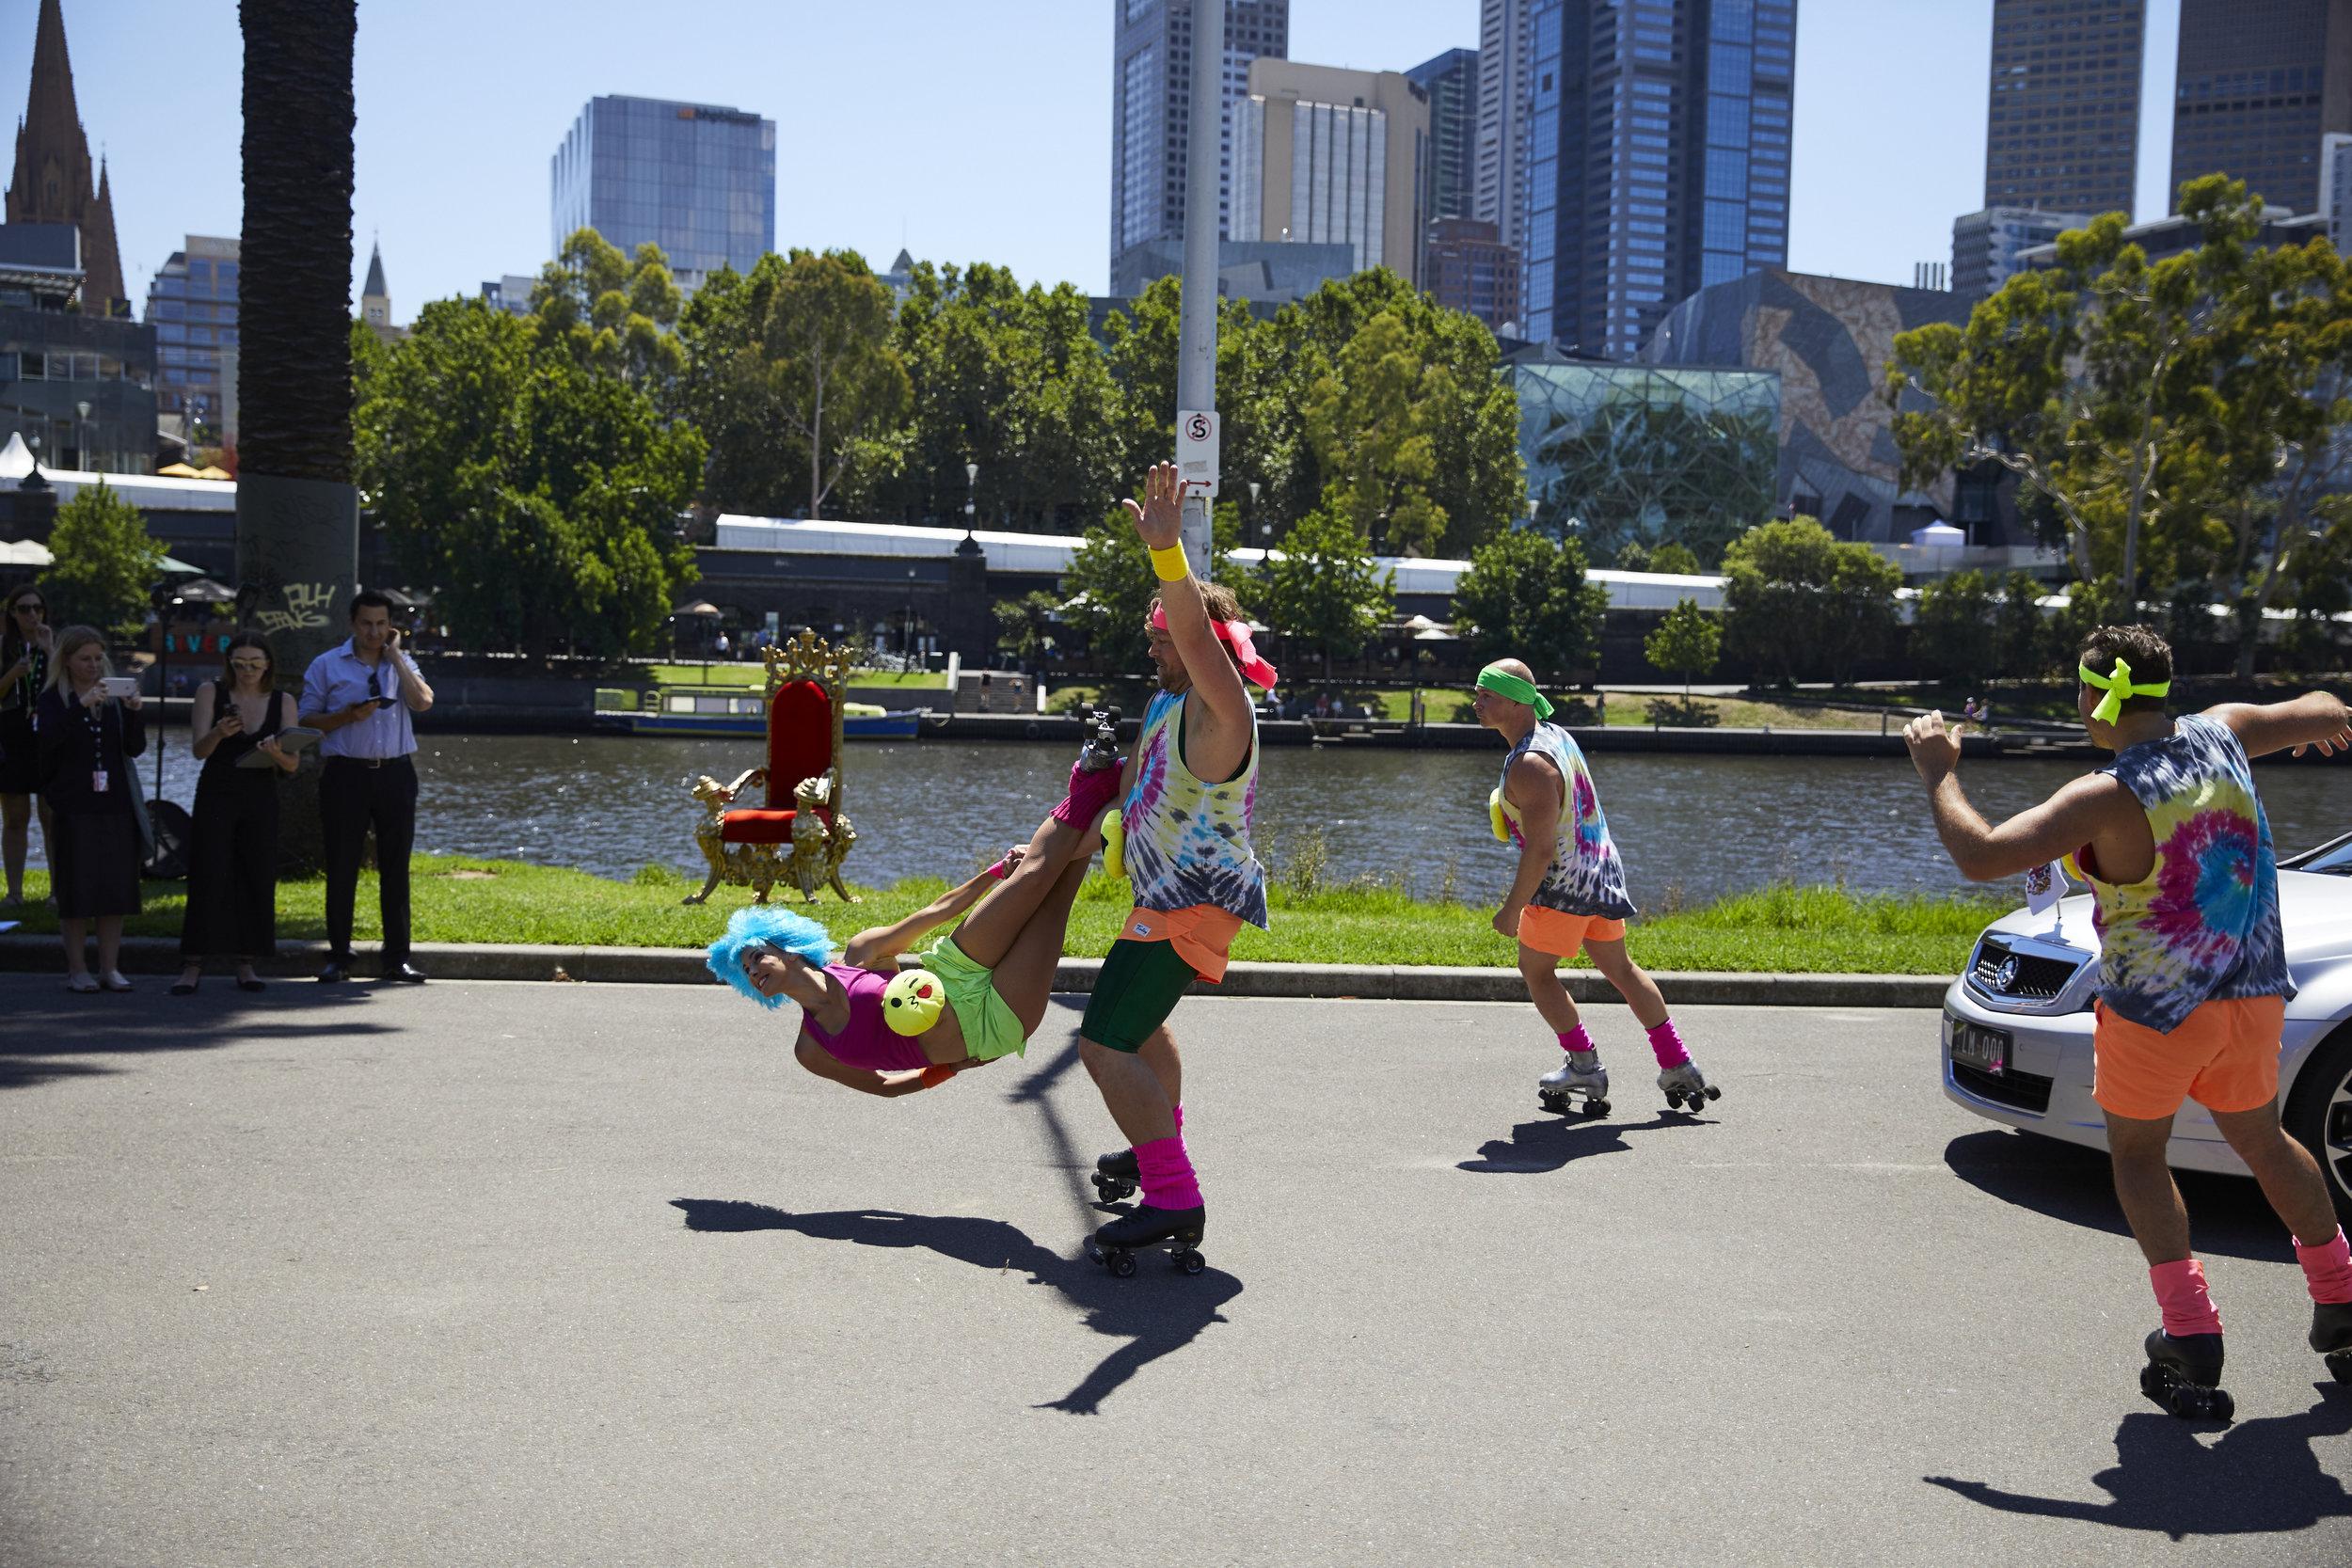 moomba-2017-launch-roller-dancers.jpg